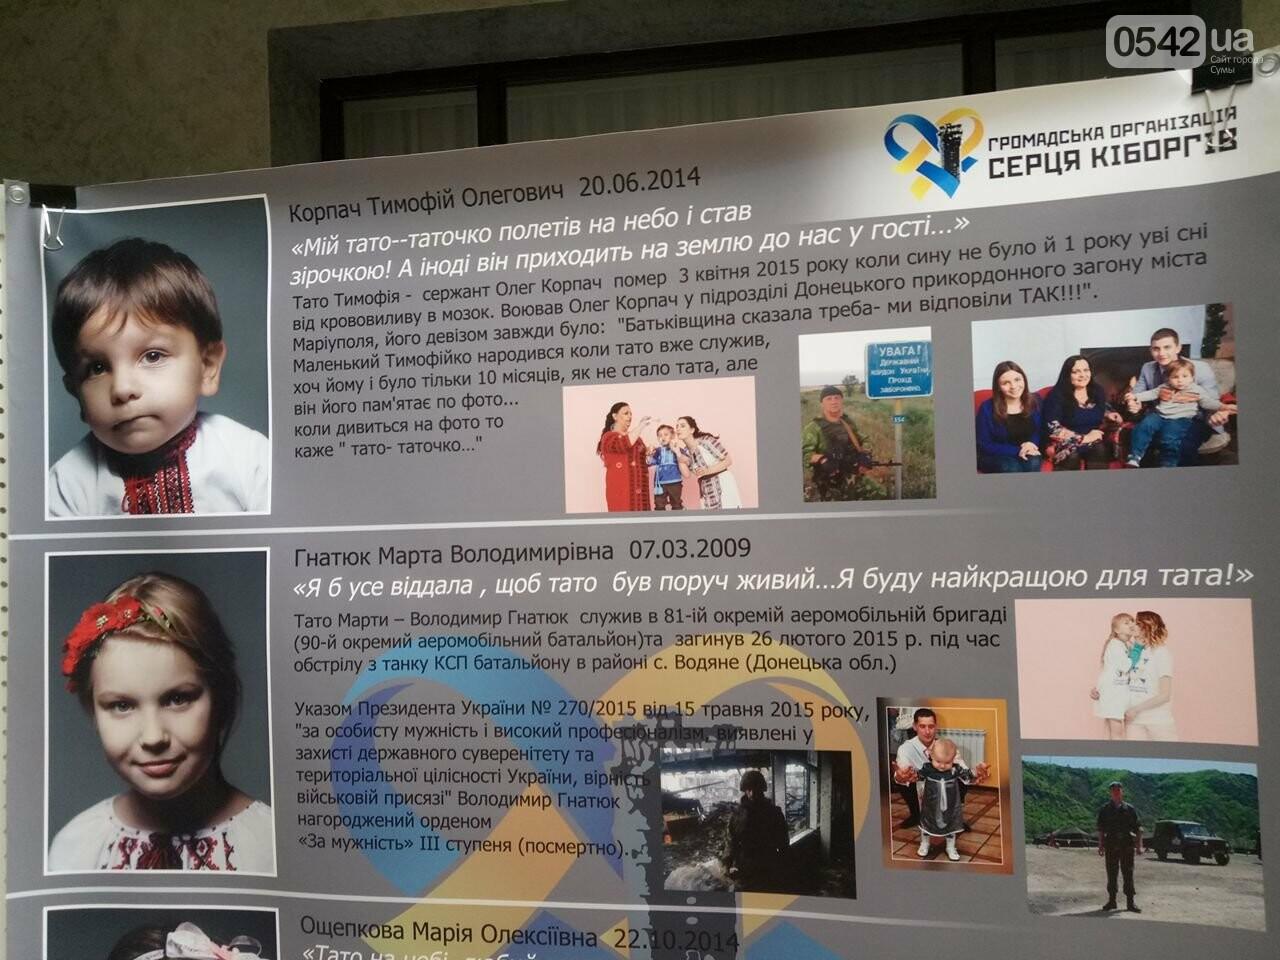 В Сумах открылась фотовыставка, посвященная детям погибших героев, фото-4